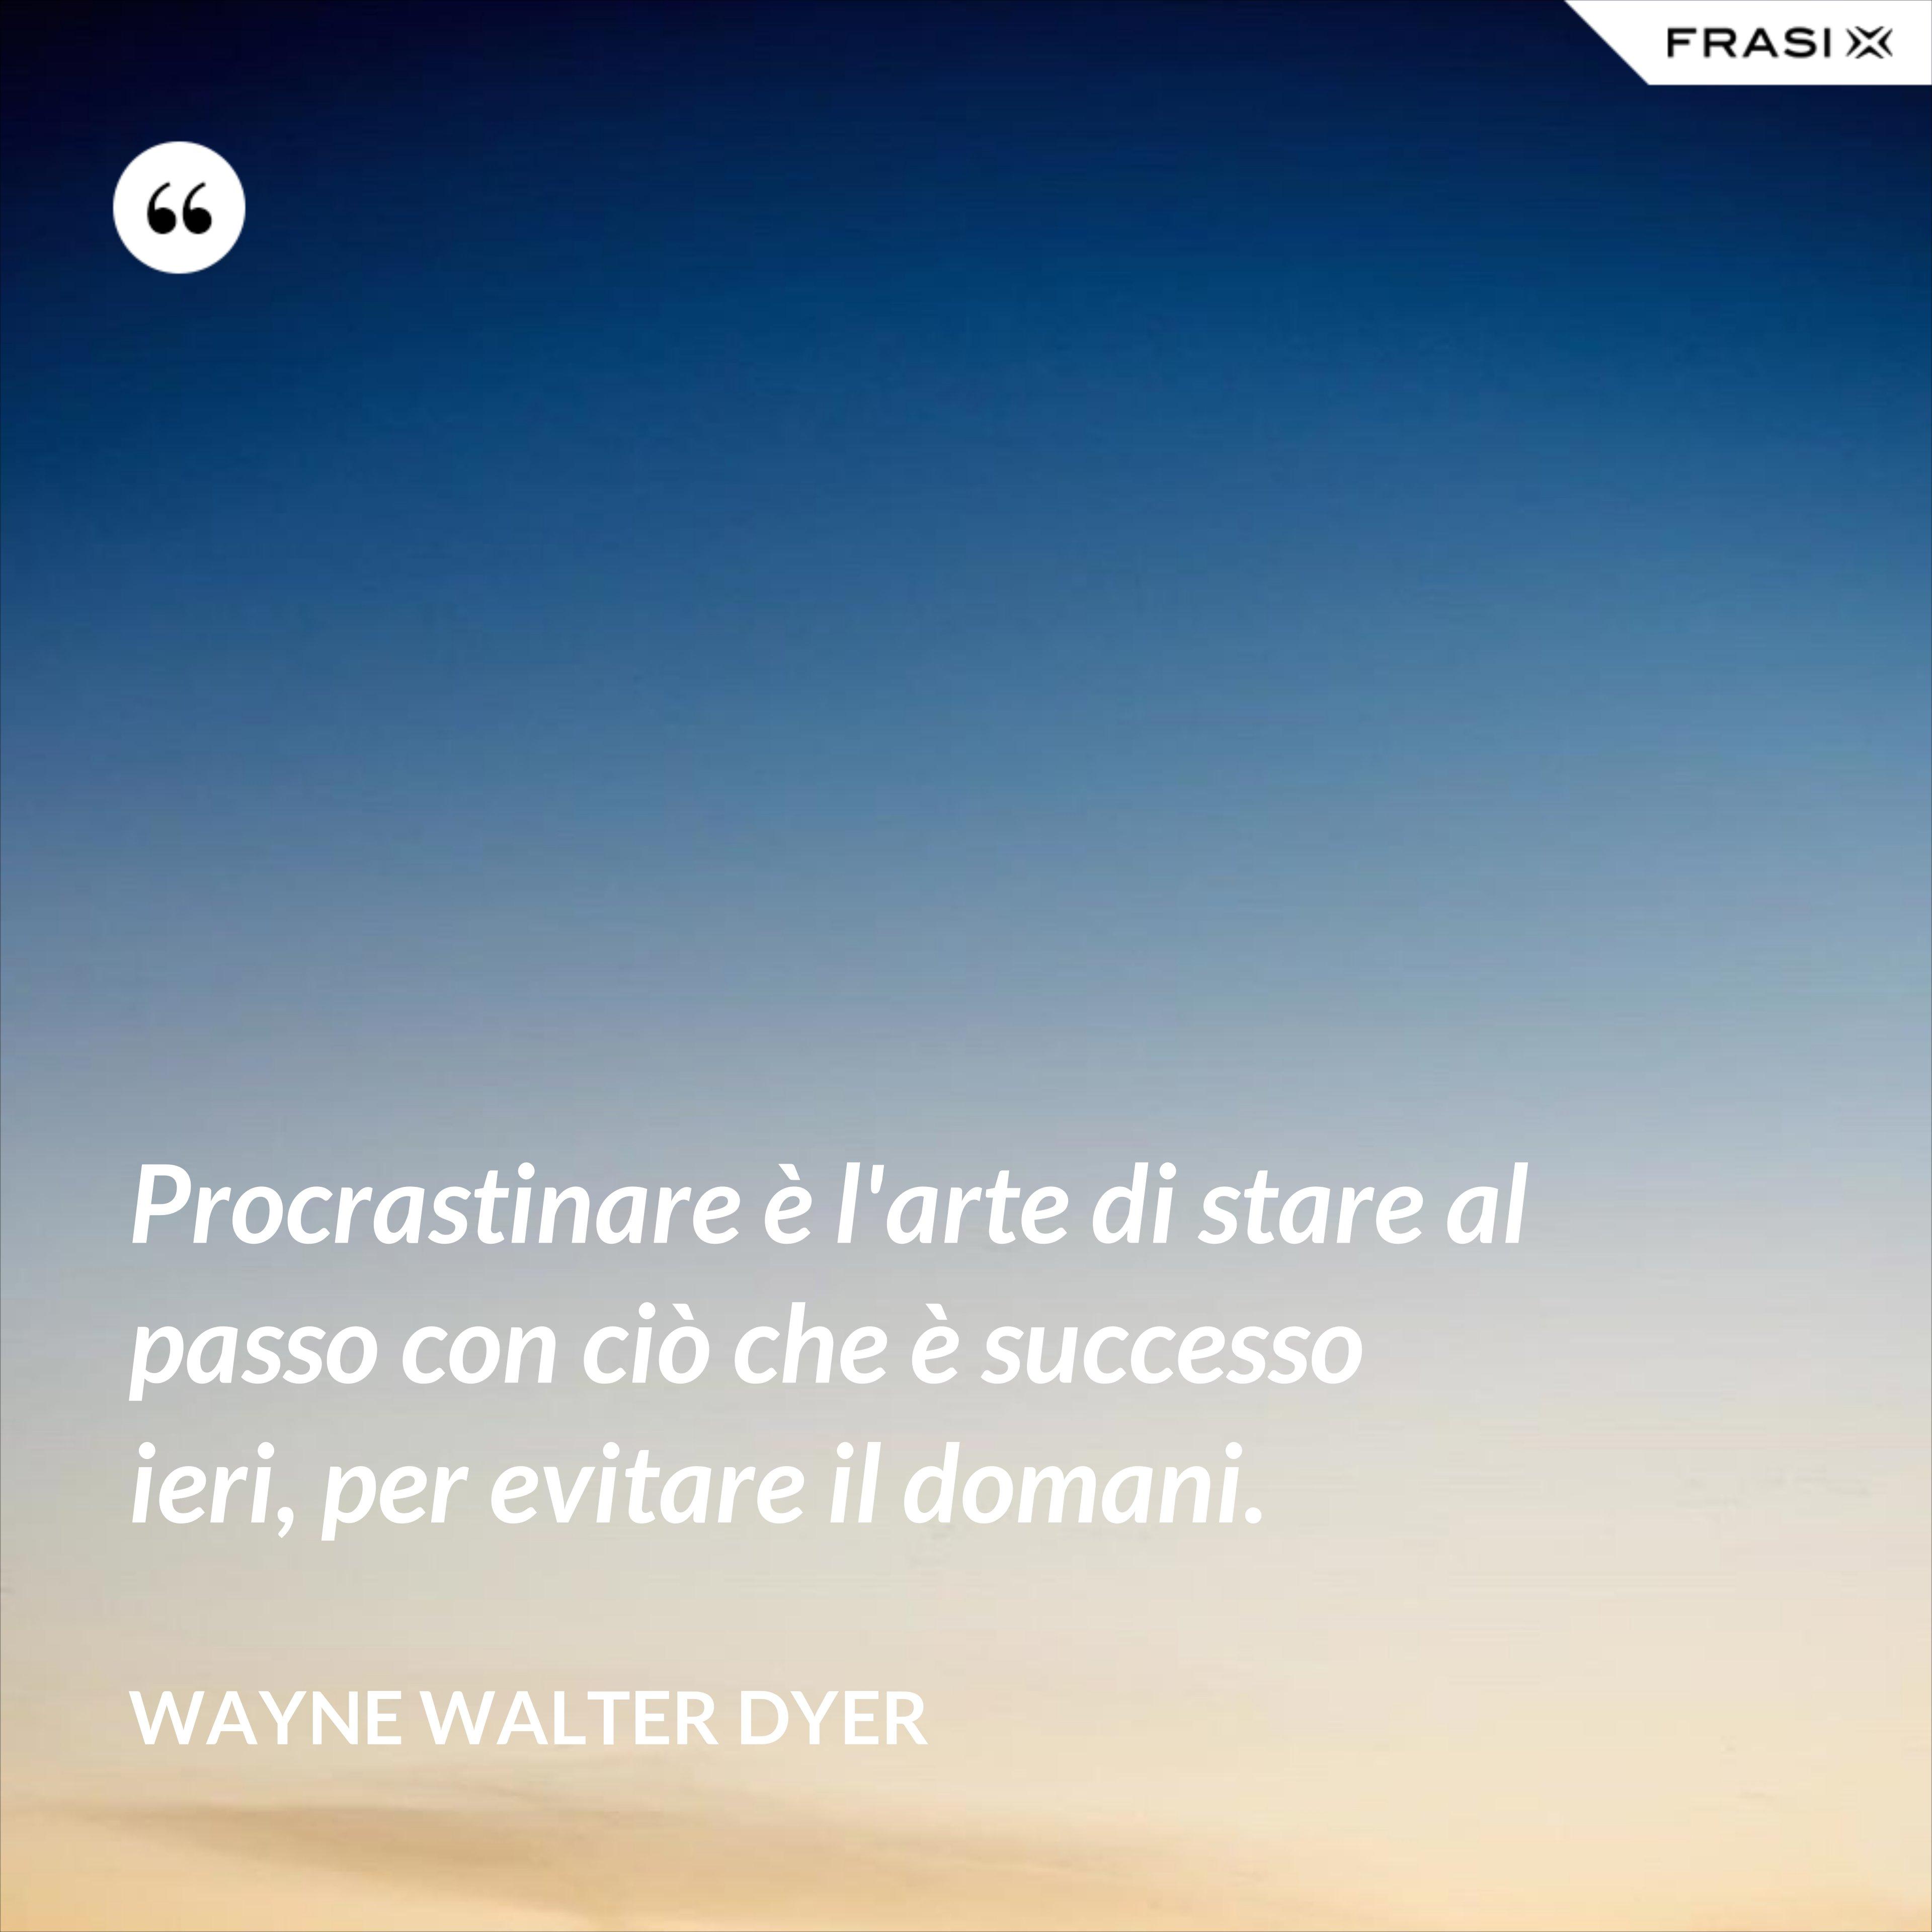 Procrastinare è l'arte di stare al passo con ciò che è successo ieri, per evitare il domani. - Wayne Walter Dyer